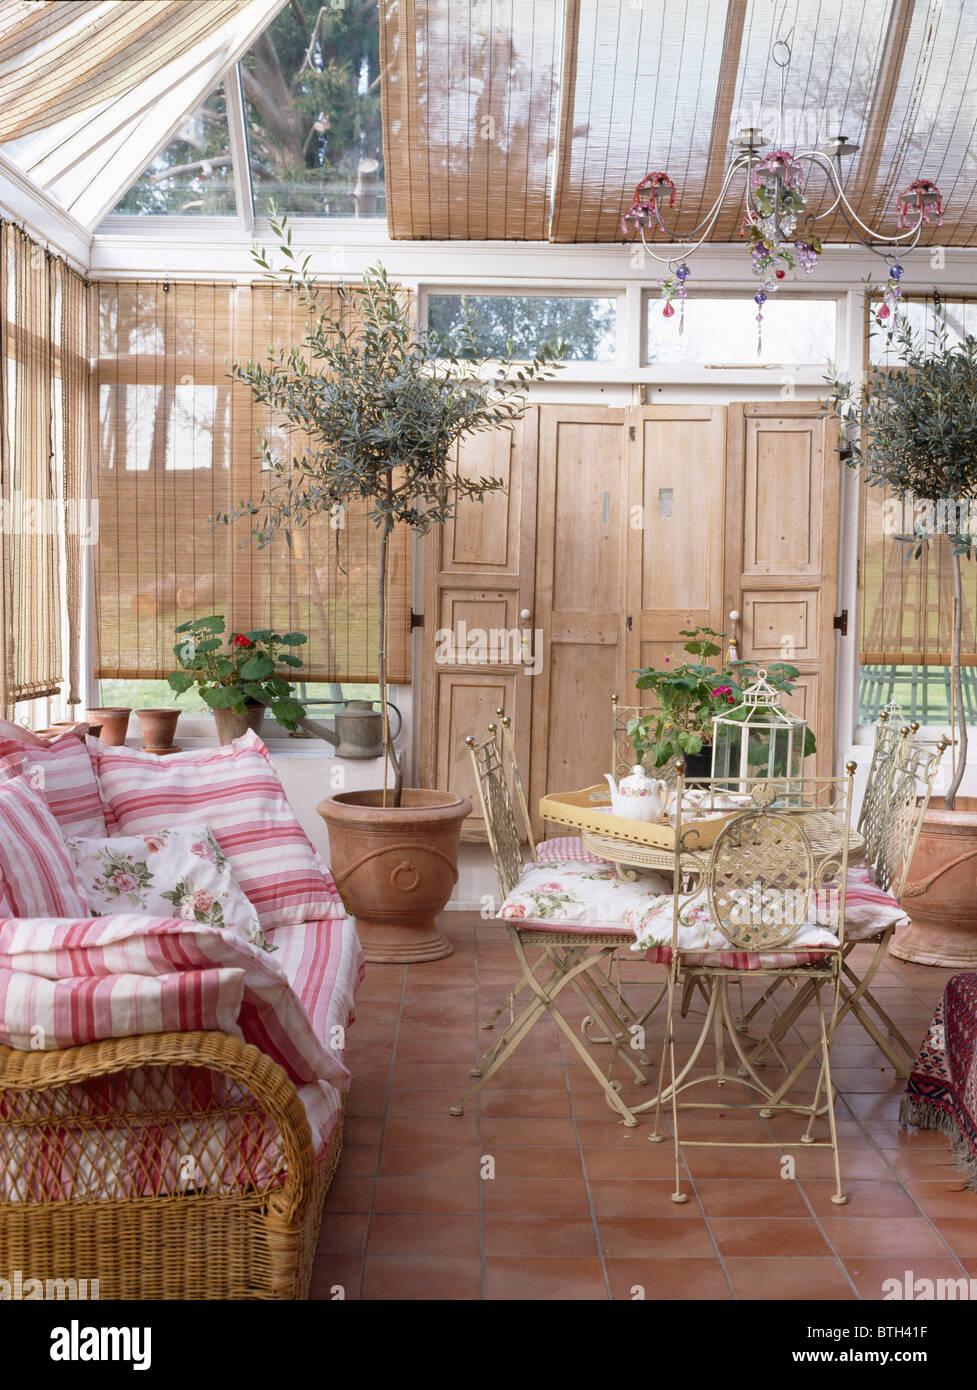 Rot Weiss Gestreiften Kissen Auf Wicker Sofa Im Wintergarten Mit